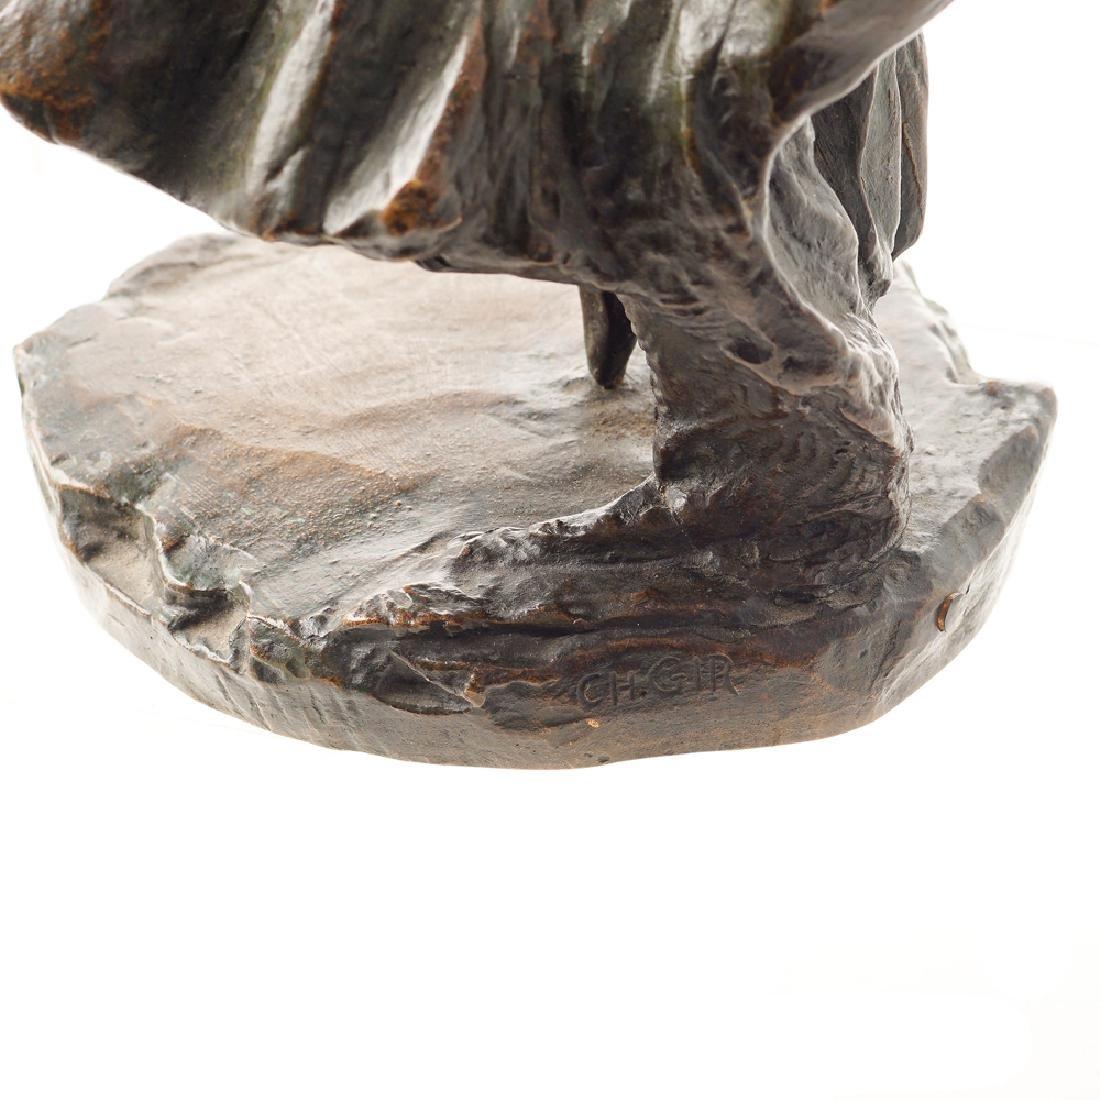 Alexis Rudier Tours 1883-1941 h. 28 cm. - 3